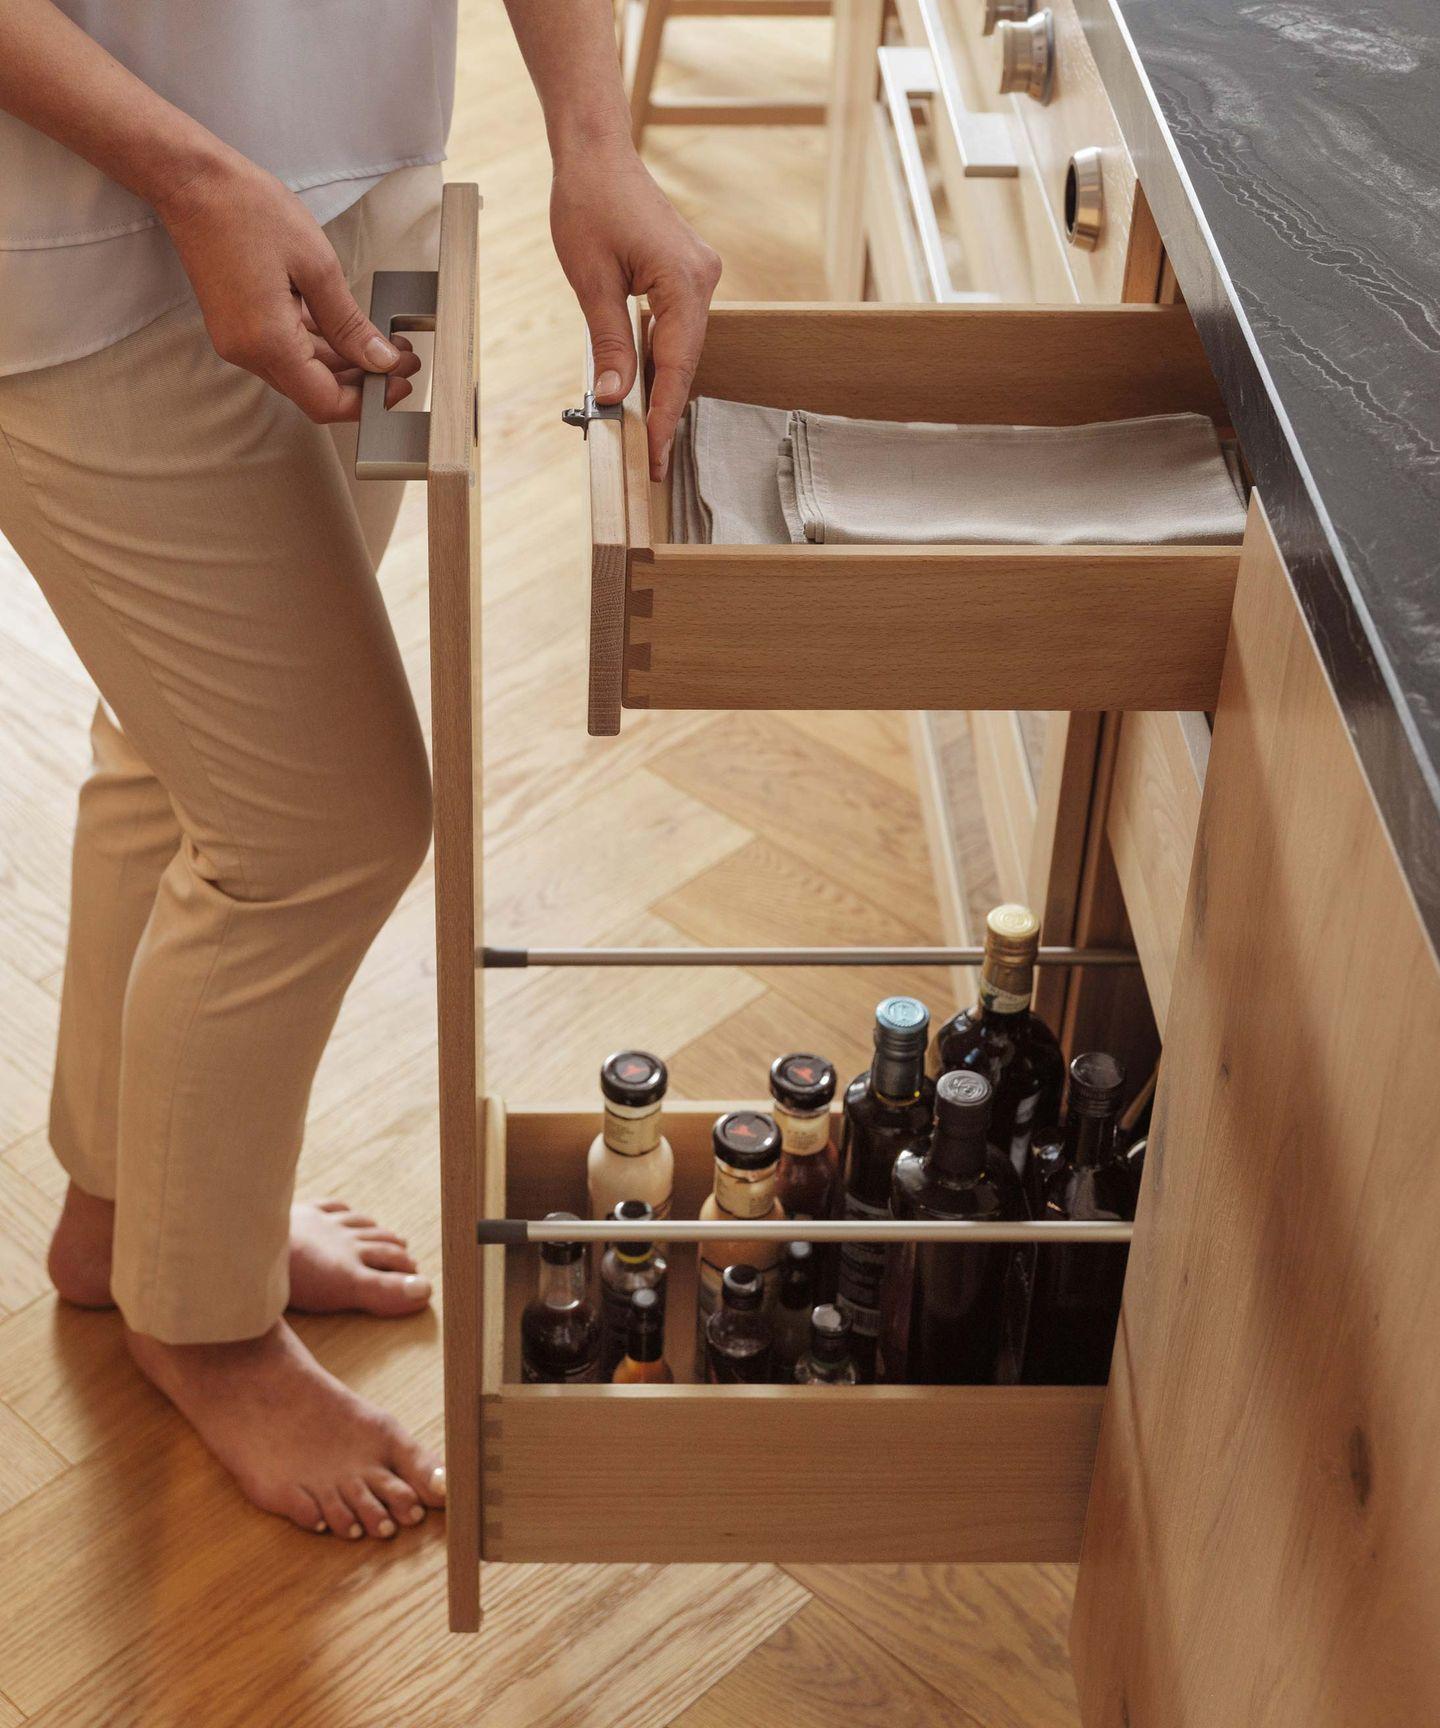 Cucina in legno naturale loft con cassetti aperti